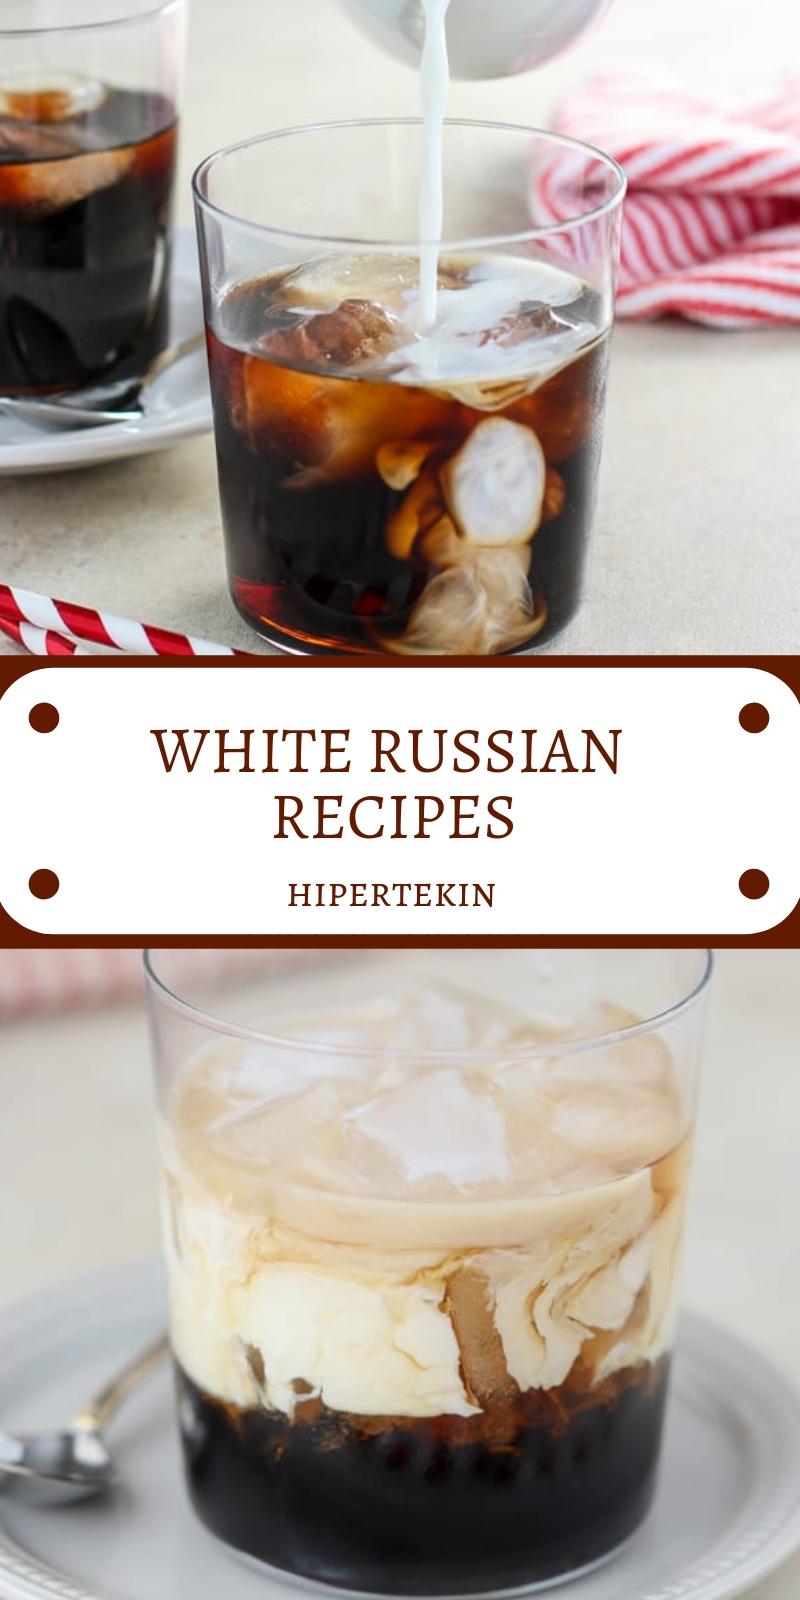 WHITE RUSSIAN RECIPES